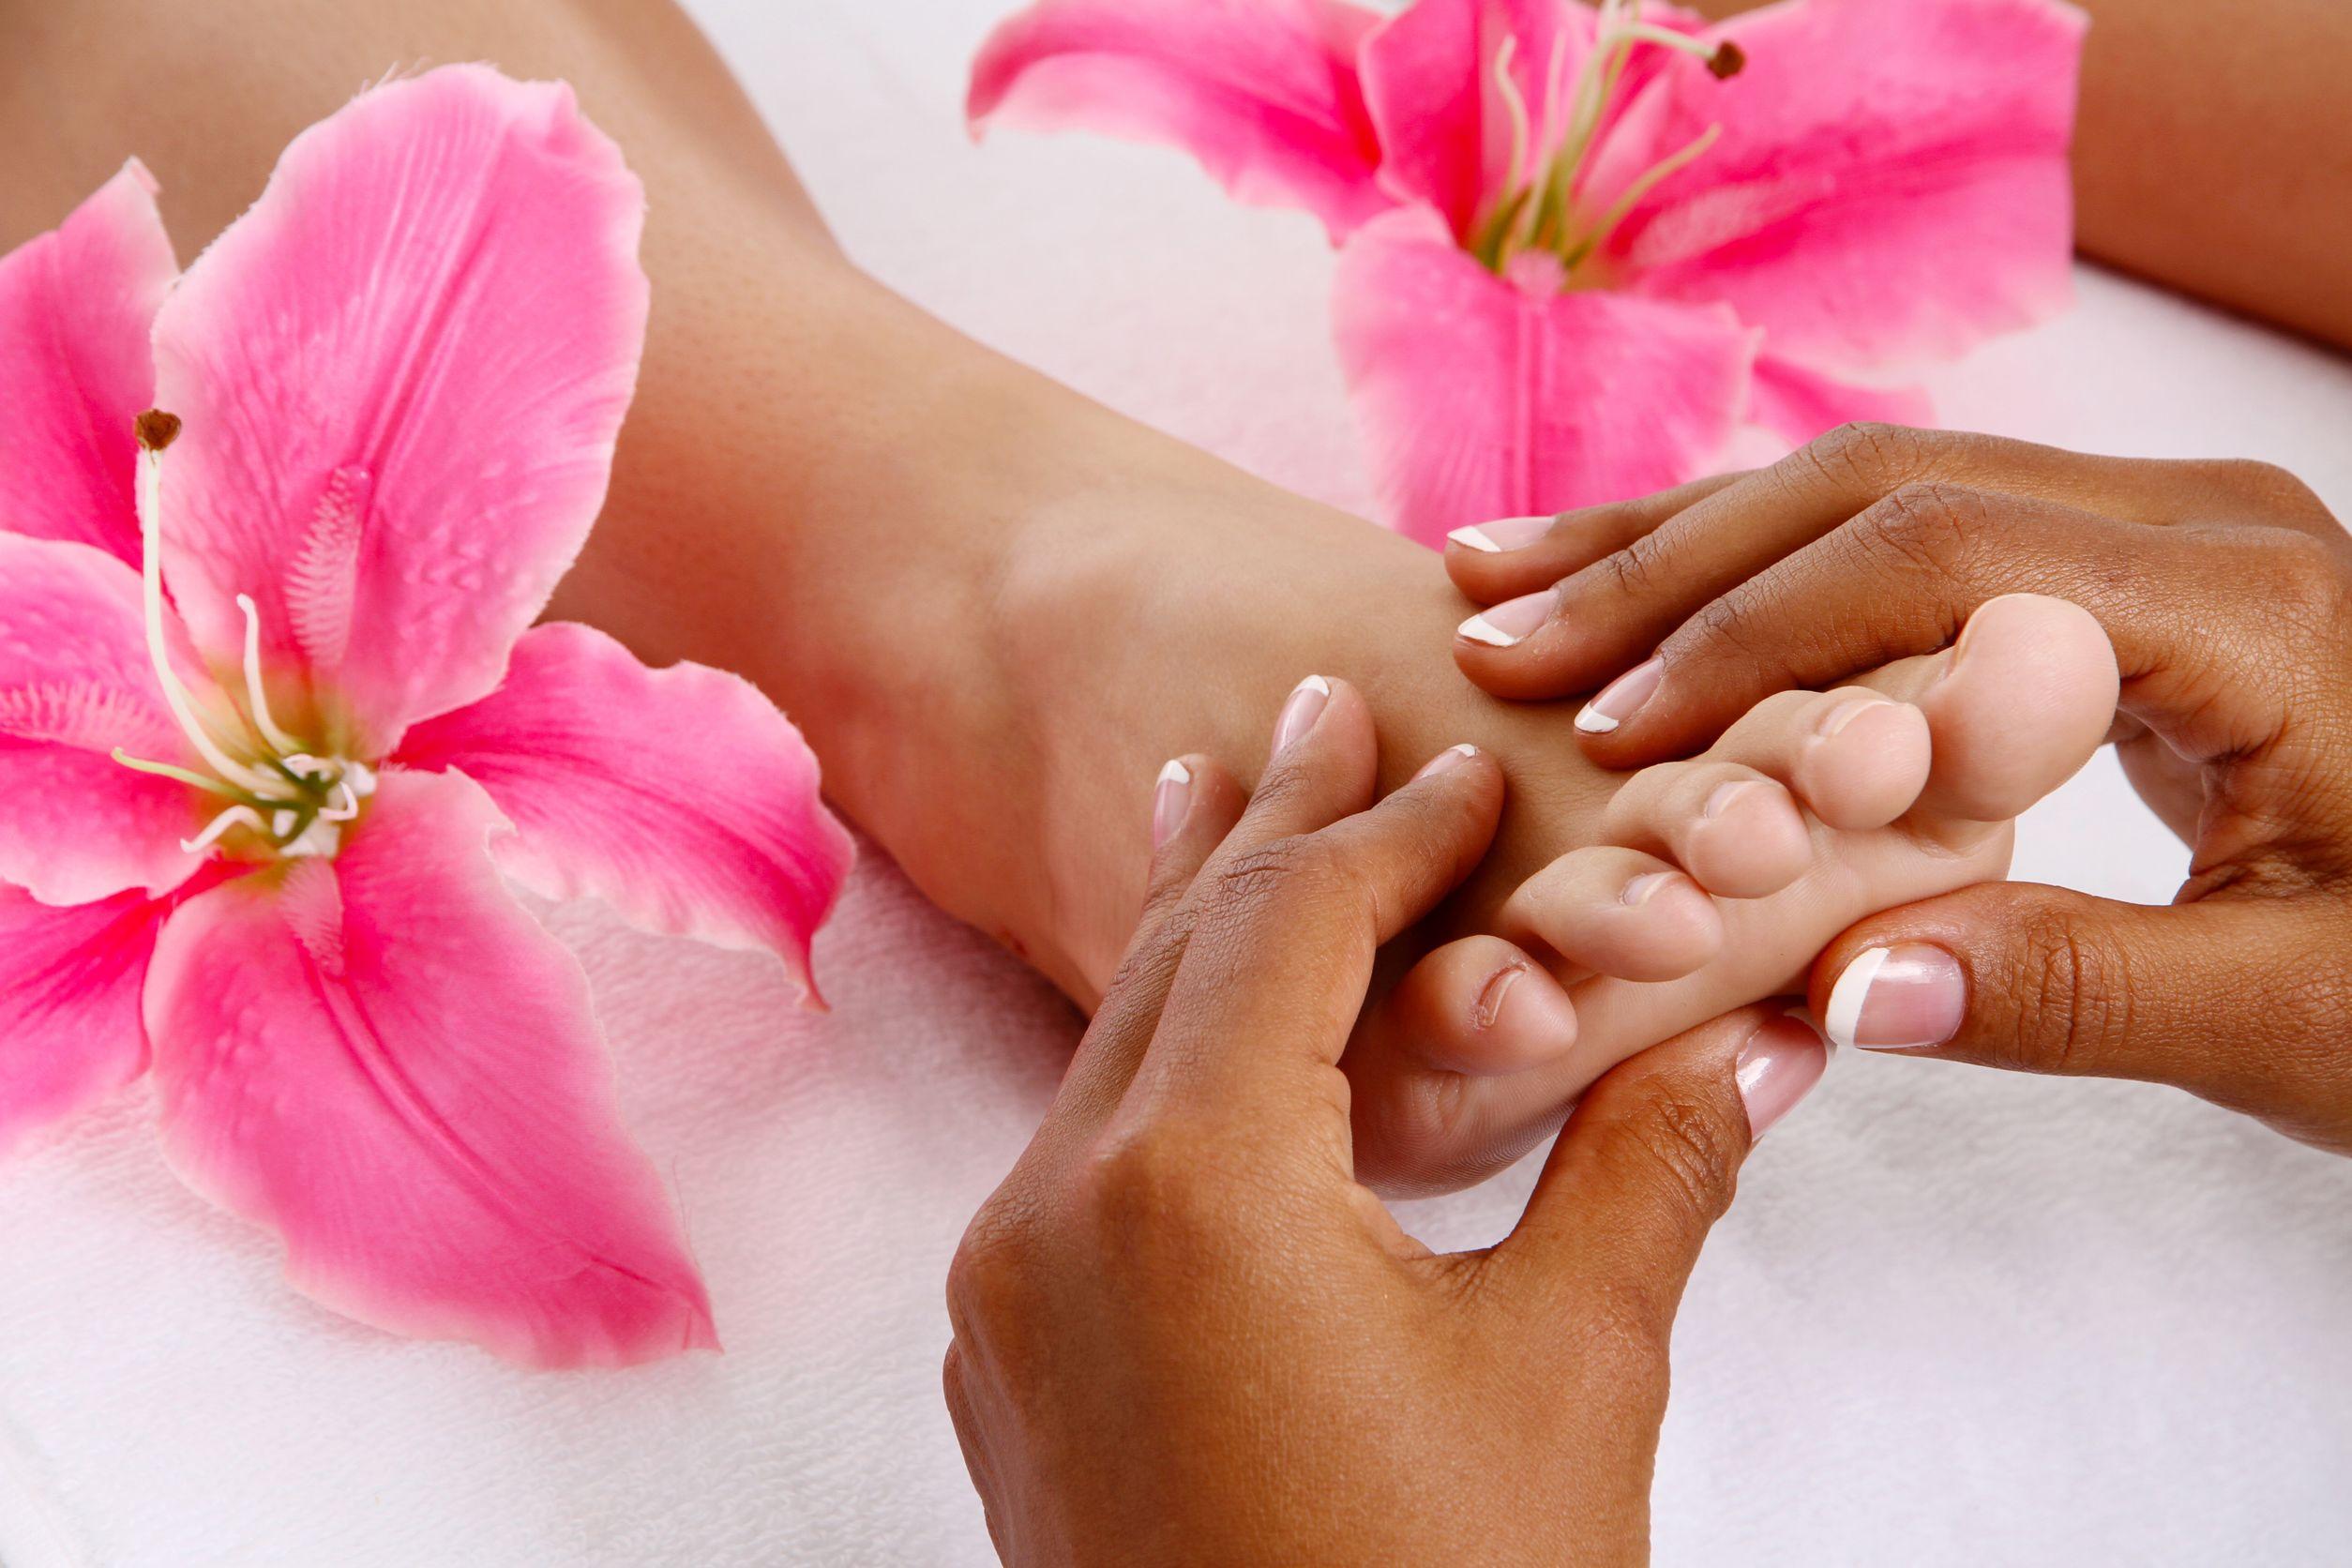 DIY: The Best Foot Massage Techniques